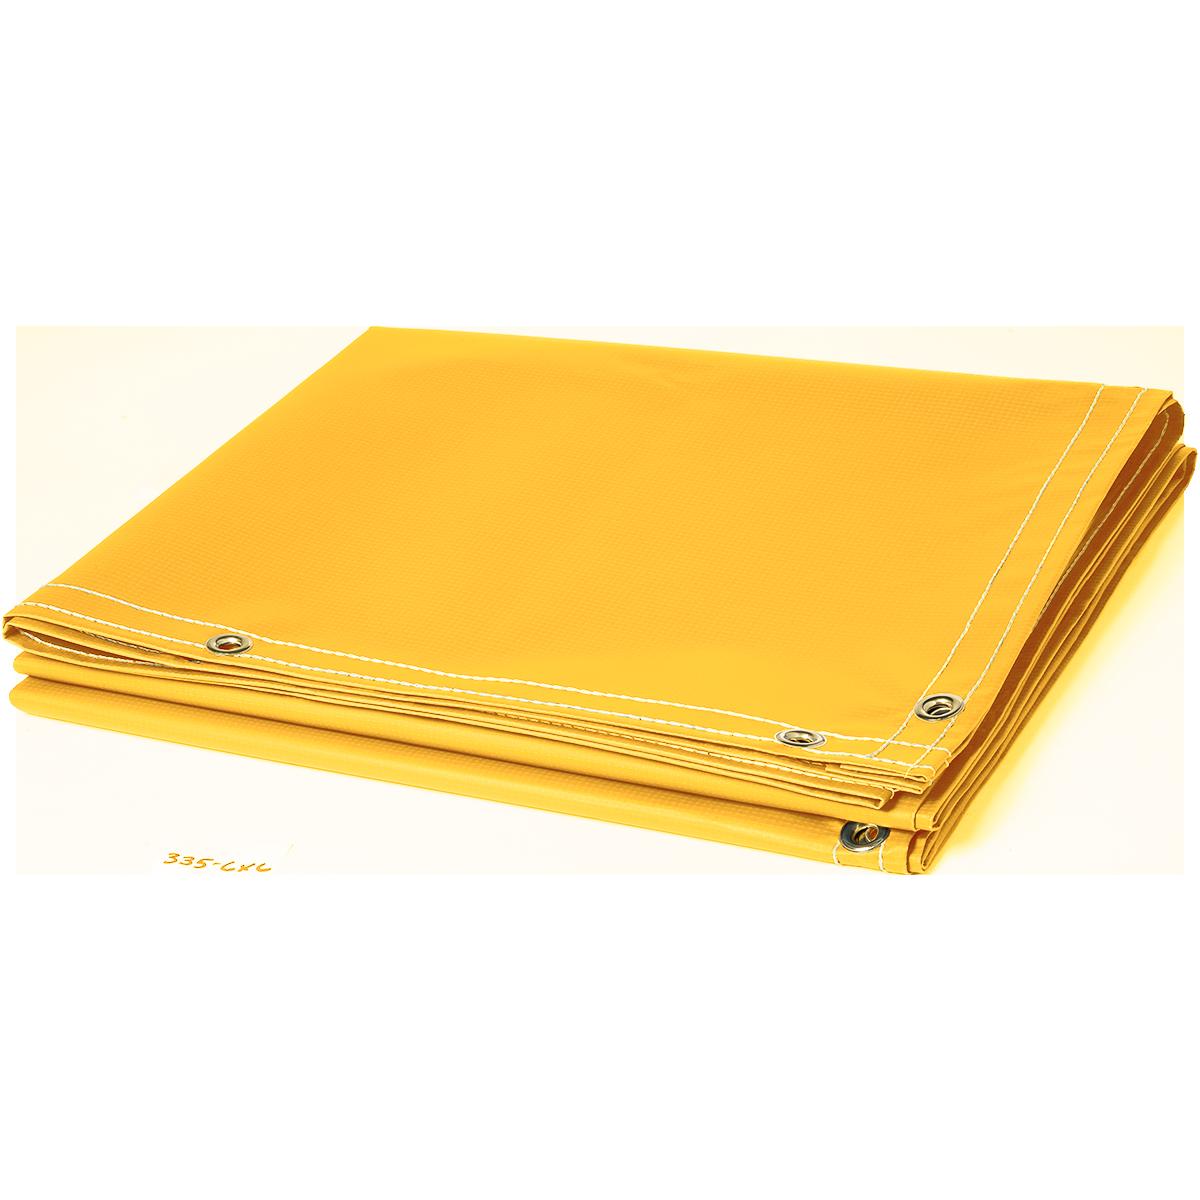 13 Oz Flame Retardant Vinyl Laminated Polyester Yellow